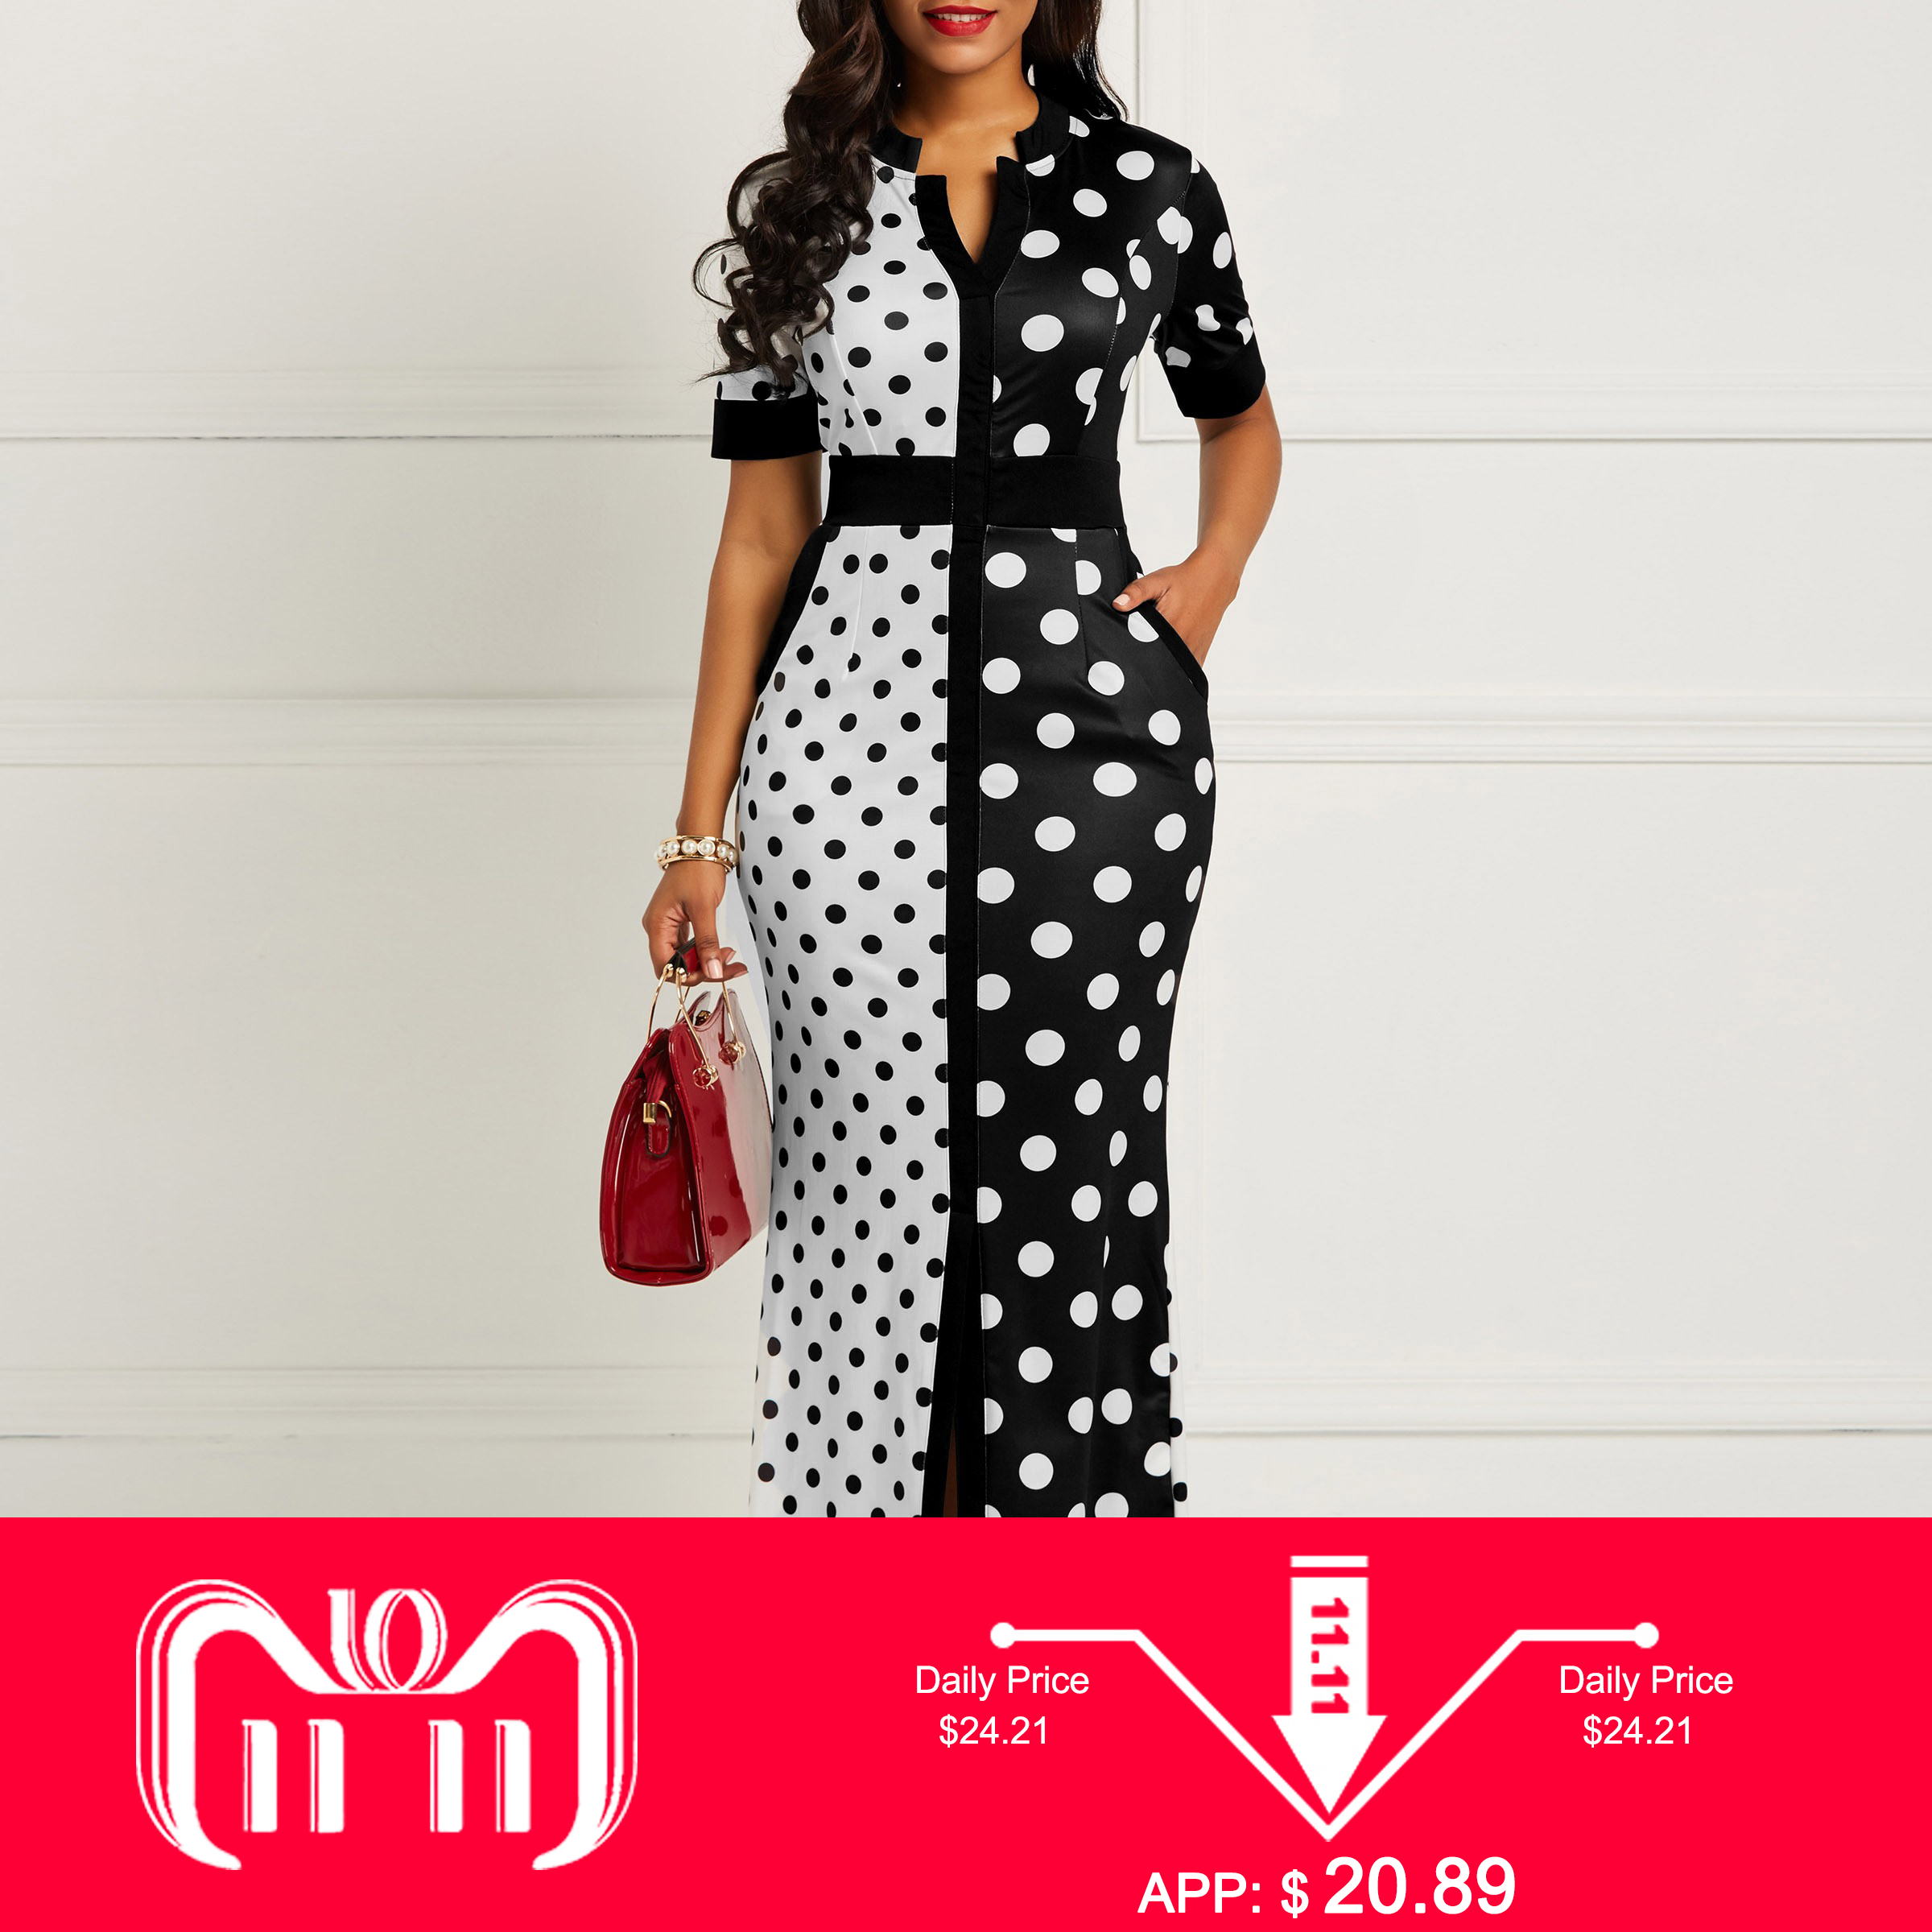 Clocolor, Африканское платье, винтажное, в горошек, белое, черное, с принтом, Ретро стиль, облегающее, женское, летнее, с коротким рукавом размера плюс, длинное, макси платье